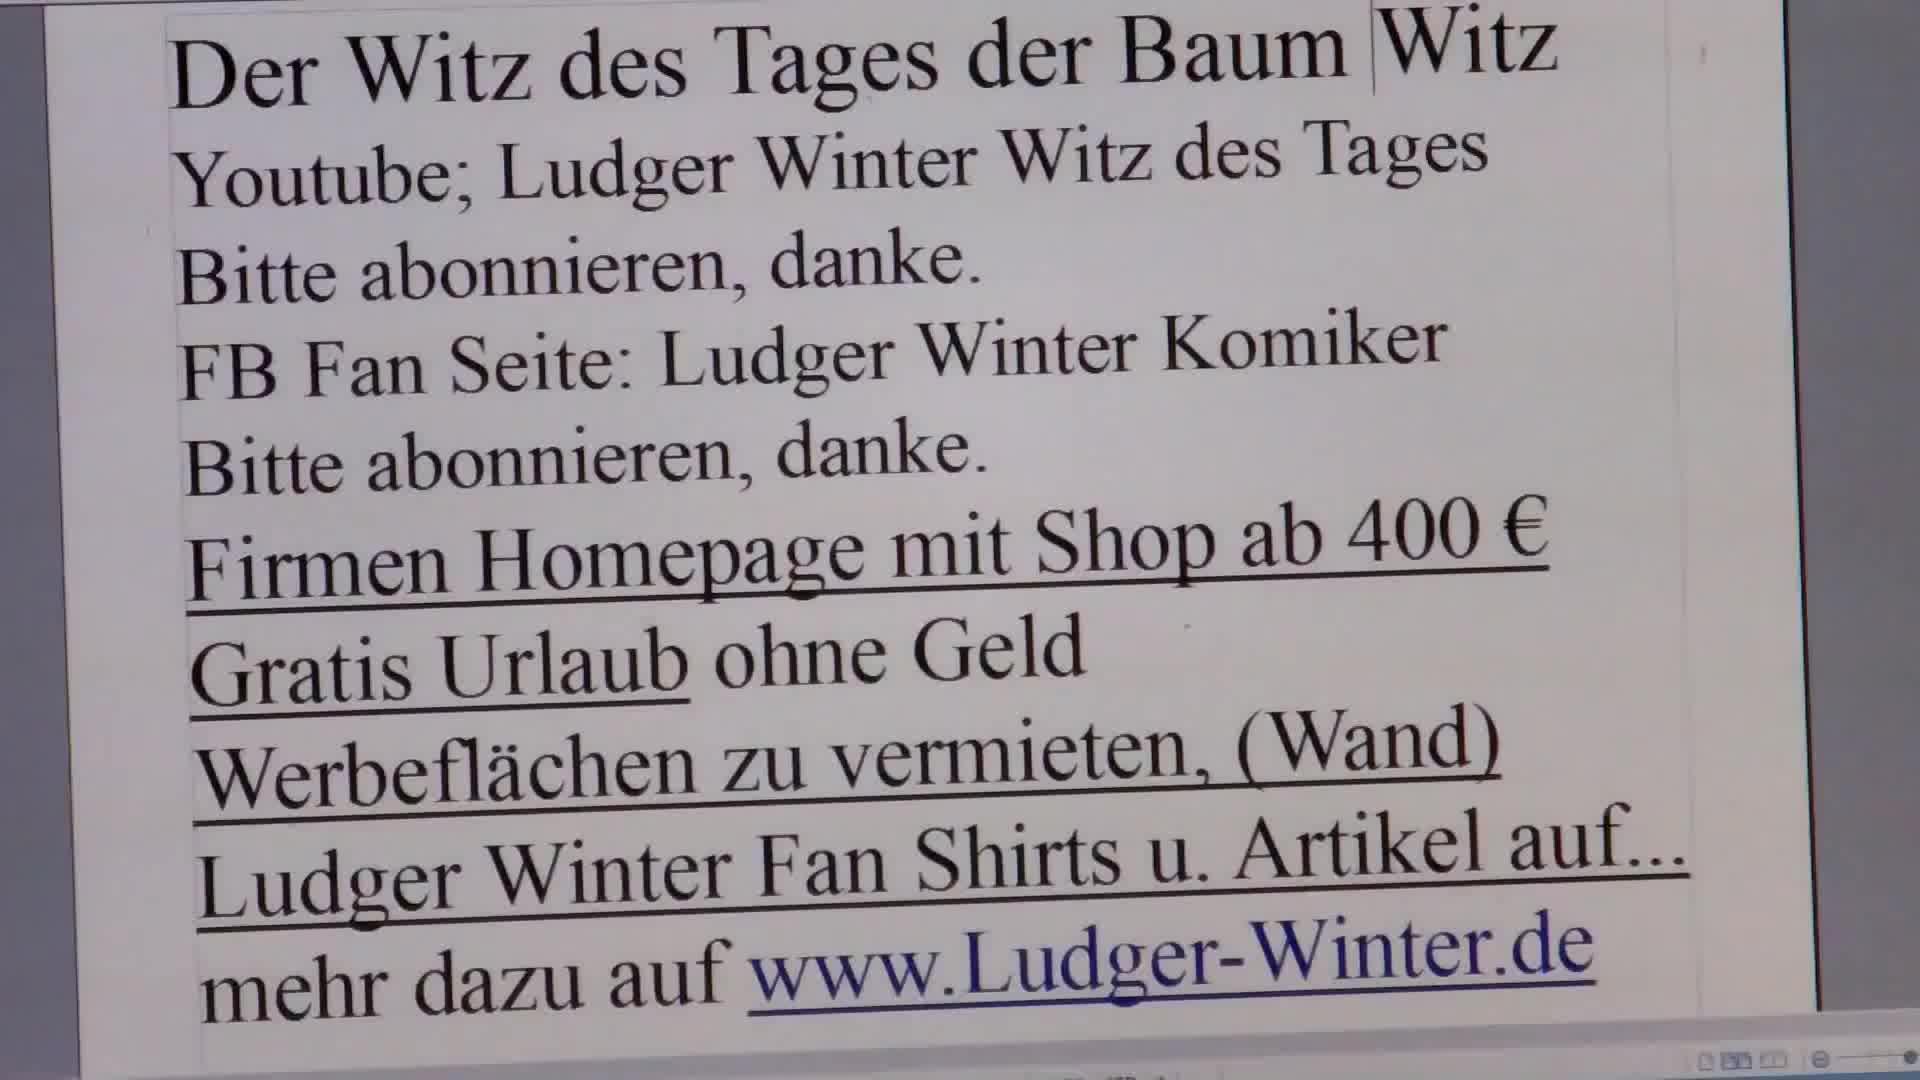 272 Ludger Winter Witz Des Tages Der Baum Witz Reddit Gif Find